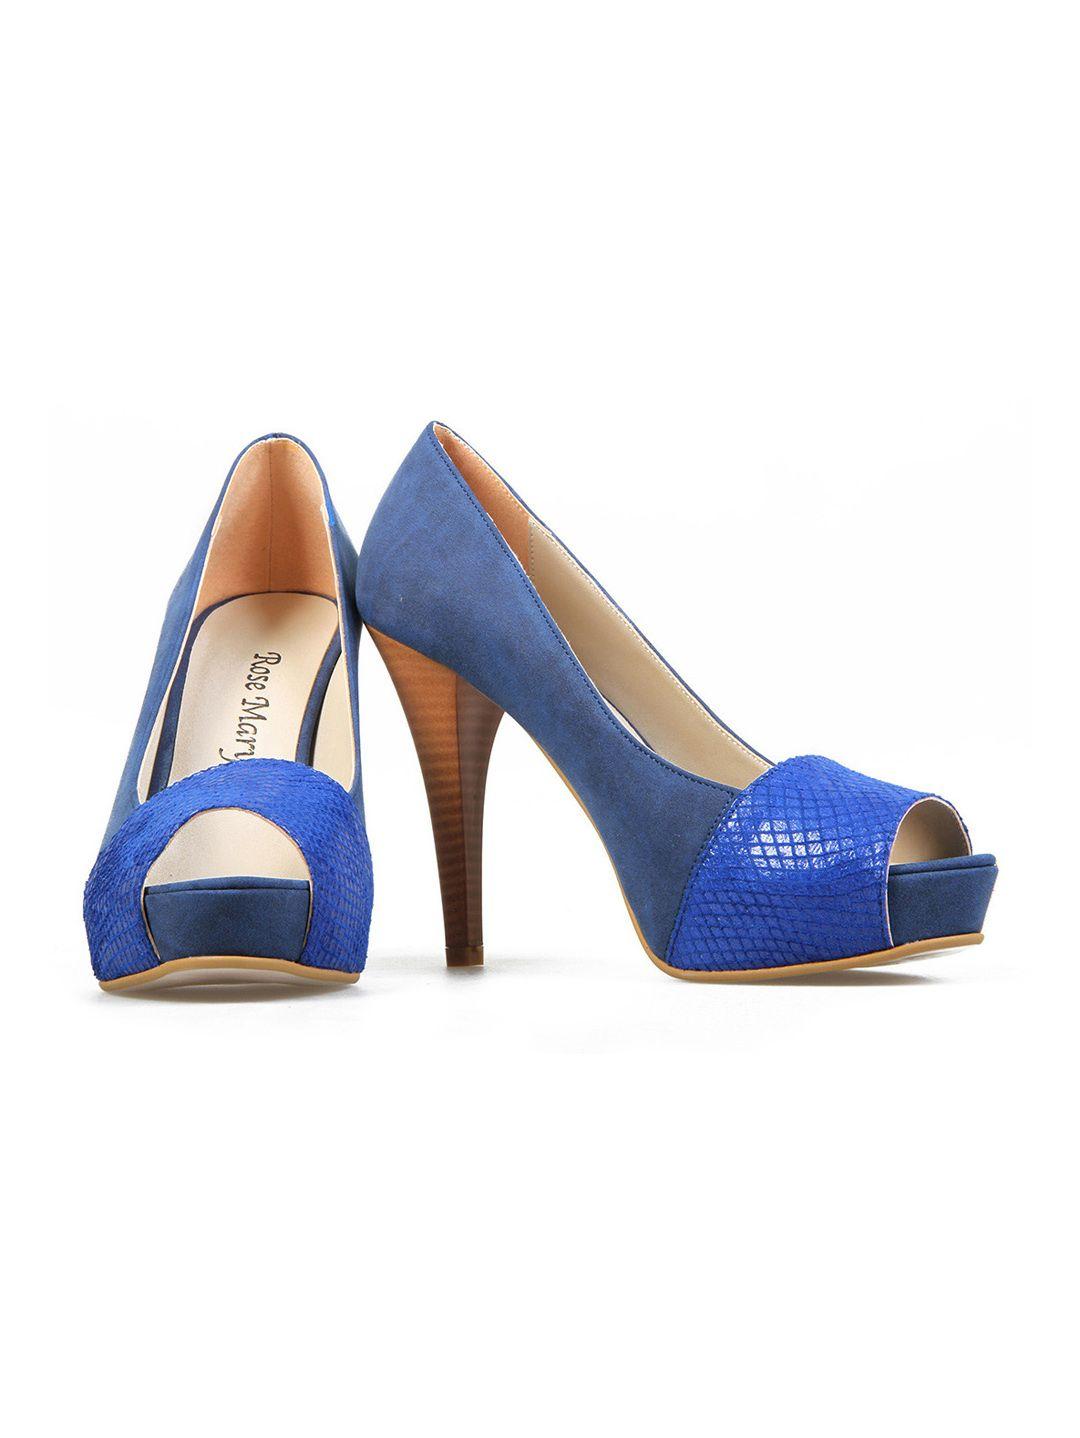 18bd66e9b حذاء كعب عالي بمقدمة مفتوحة من الأمام، وباللون النيلي على موقع سكر للتسوق  الإلكتروني. www.sukar.com